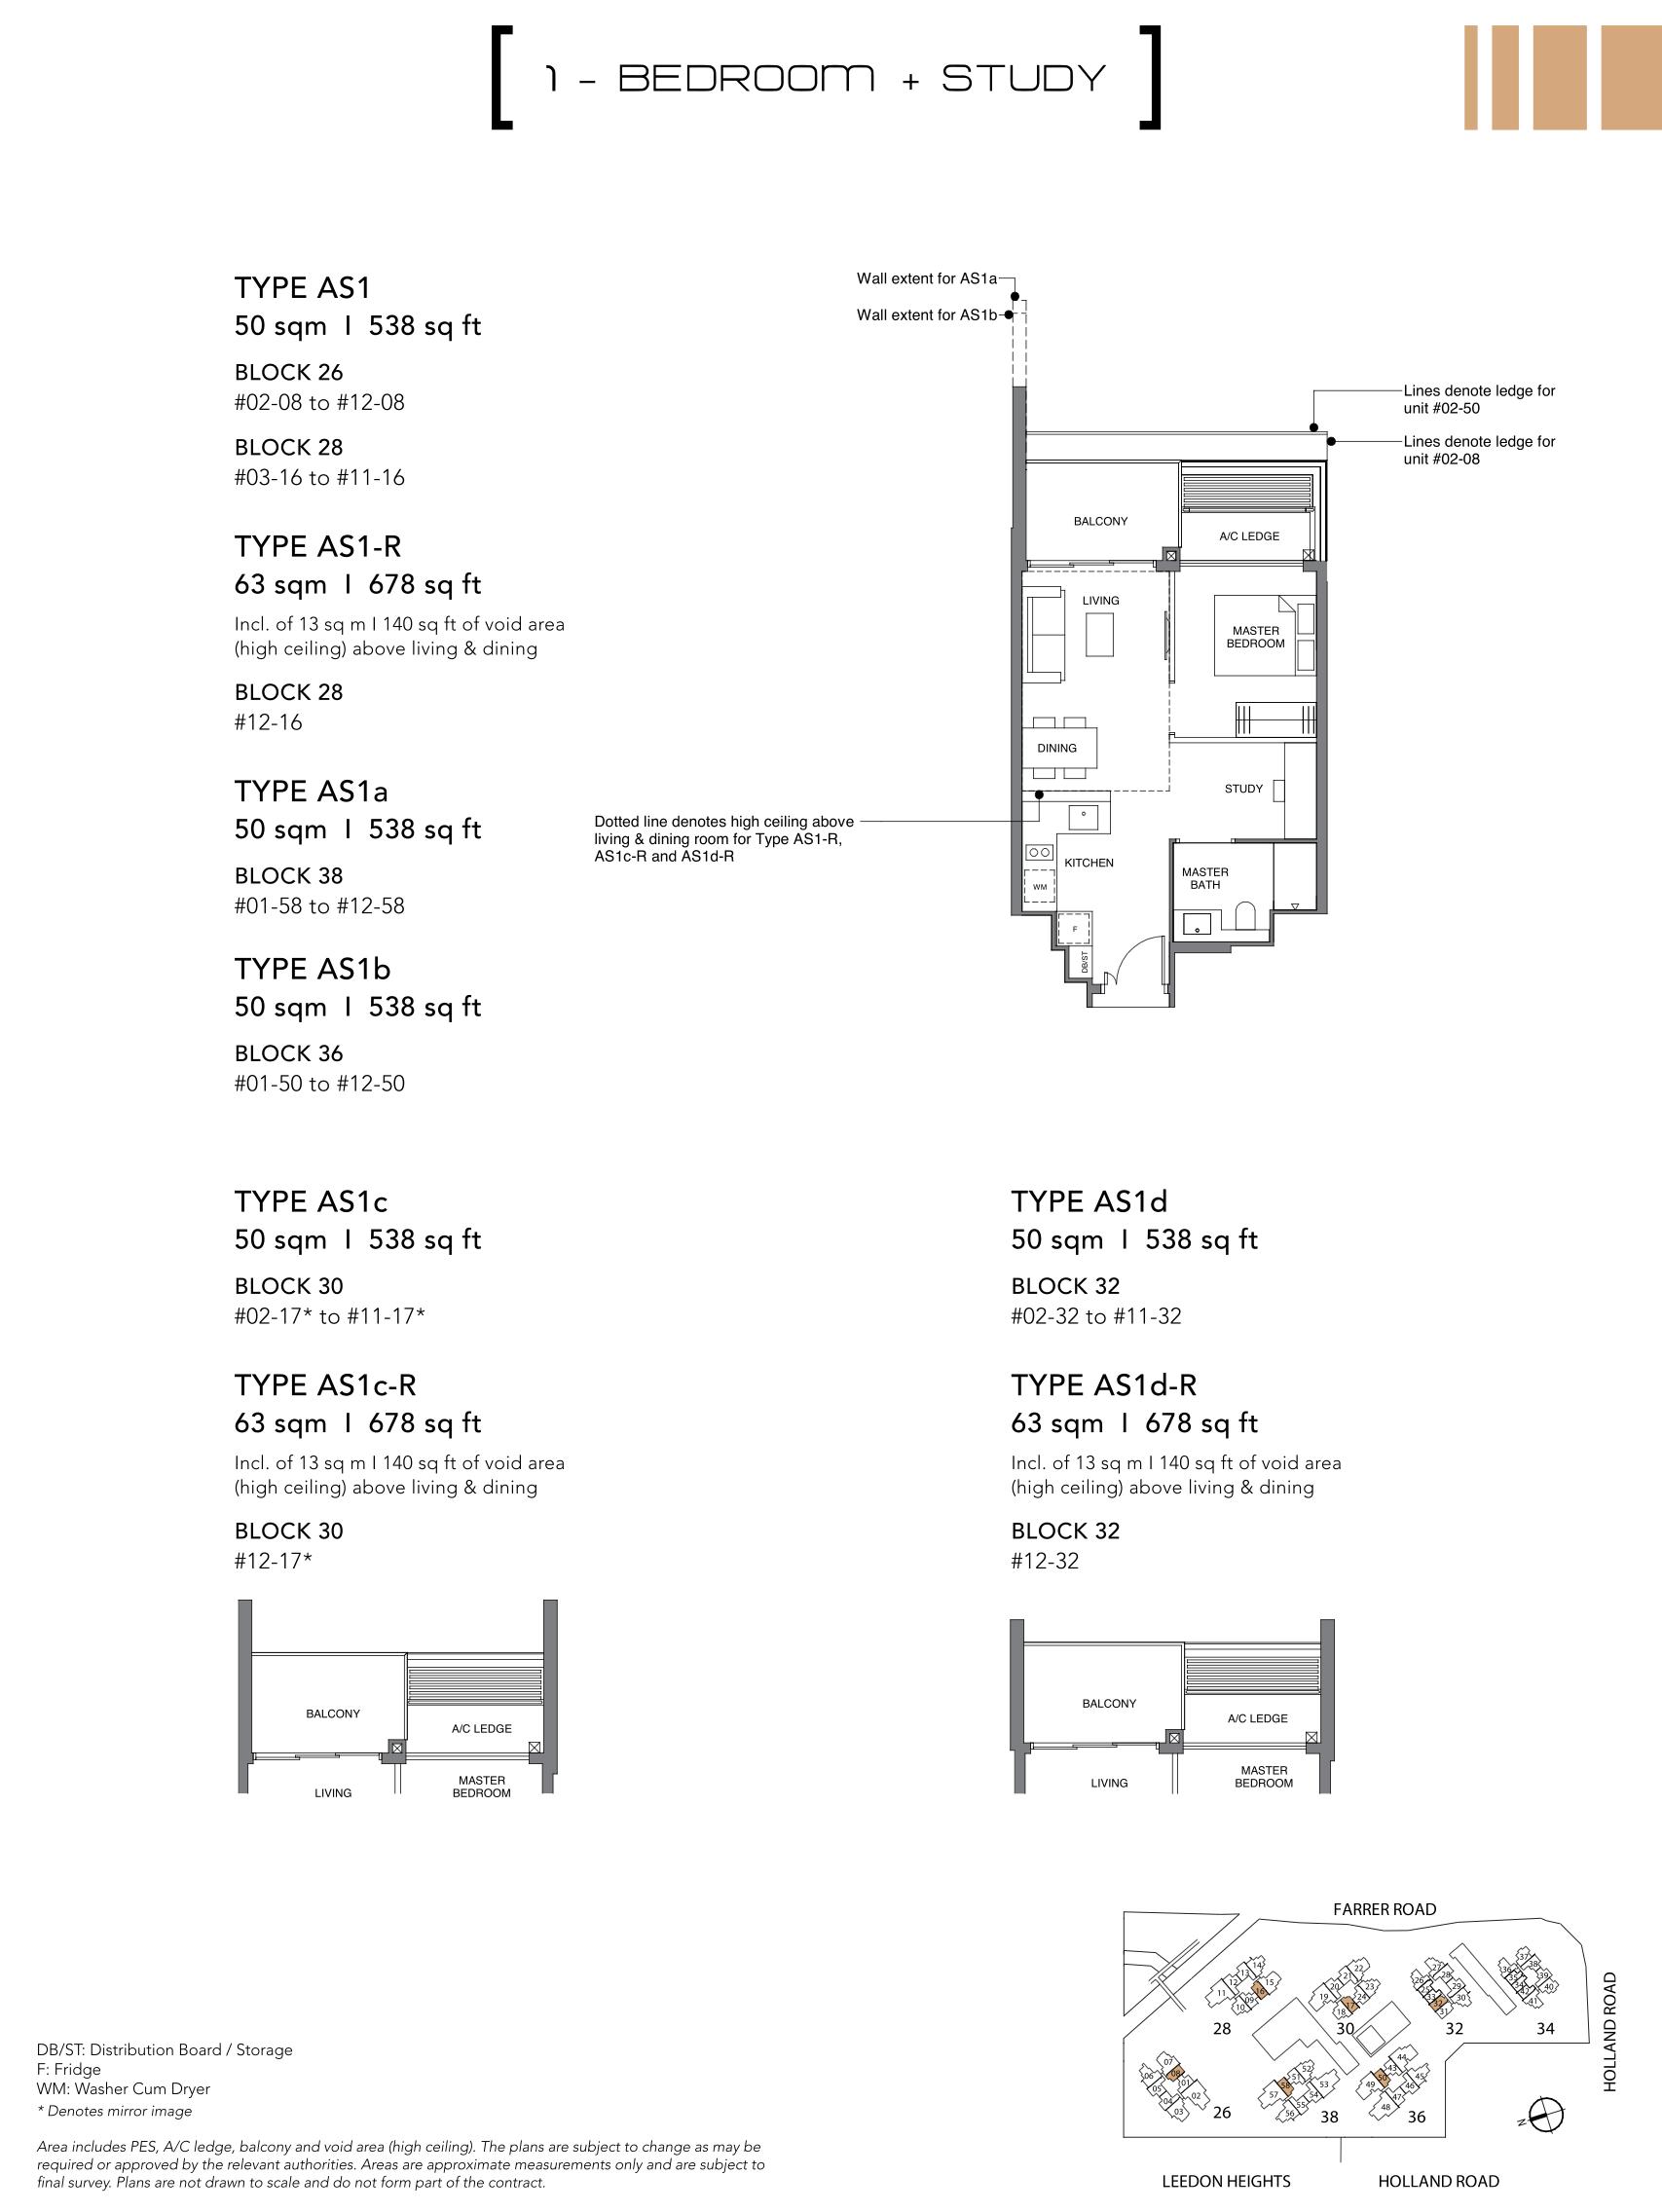 绿墩雅苑公寓户型图 Leedon Green floor plan 1 bedroom + study AS1